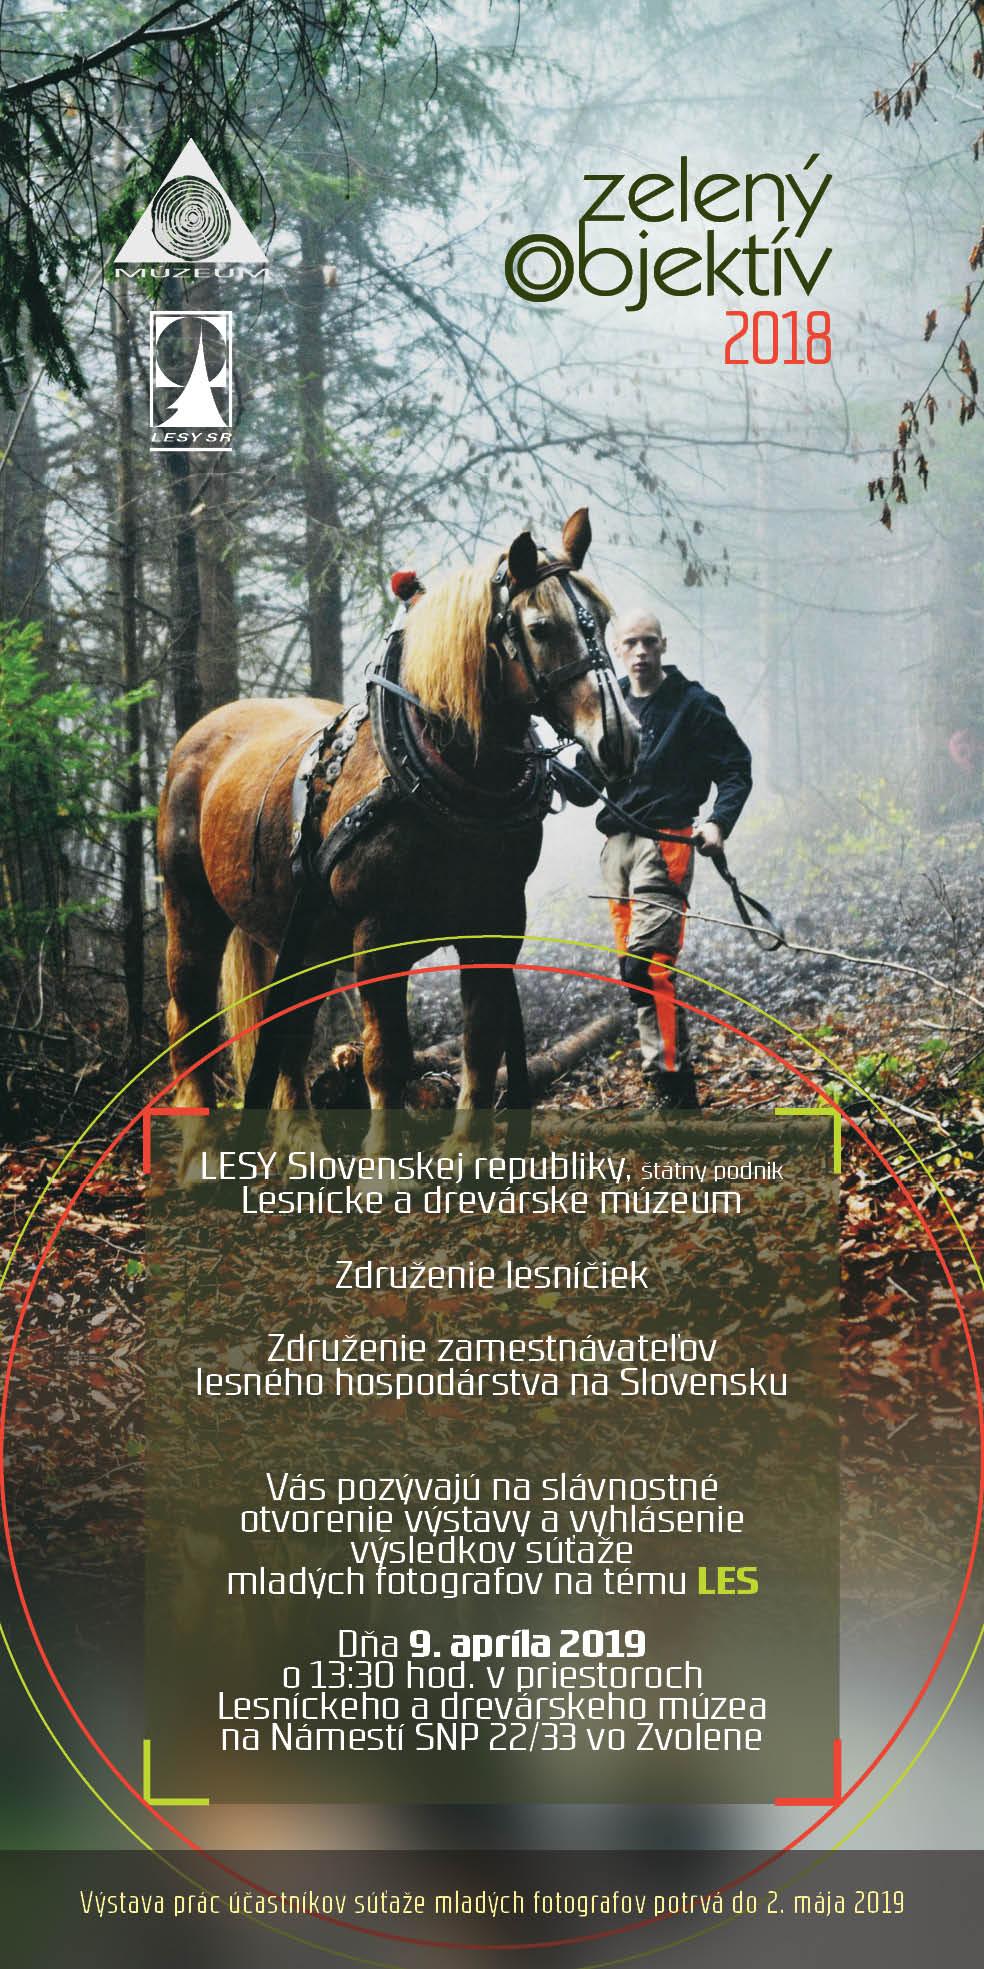 42034e0c87fd9 Výstava fotografií Zelený objektív | LESY SR, štátny podnik